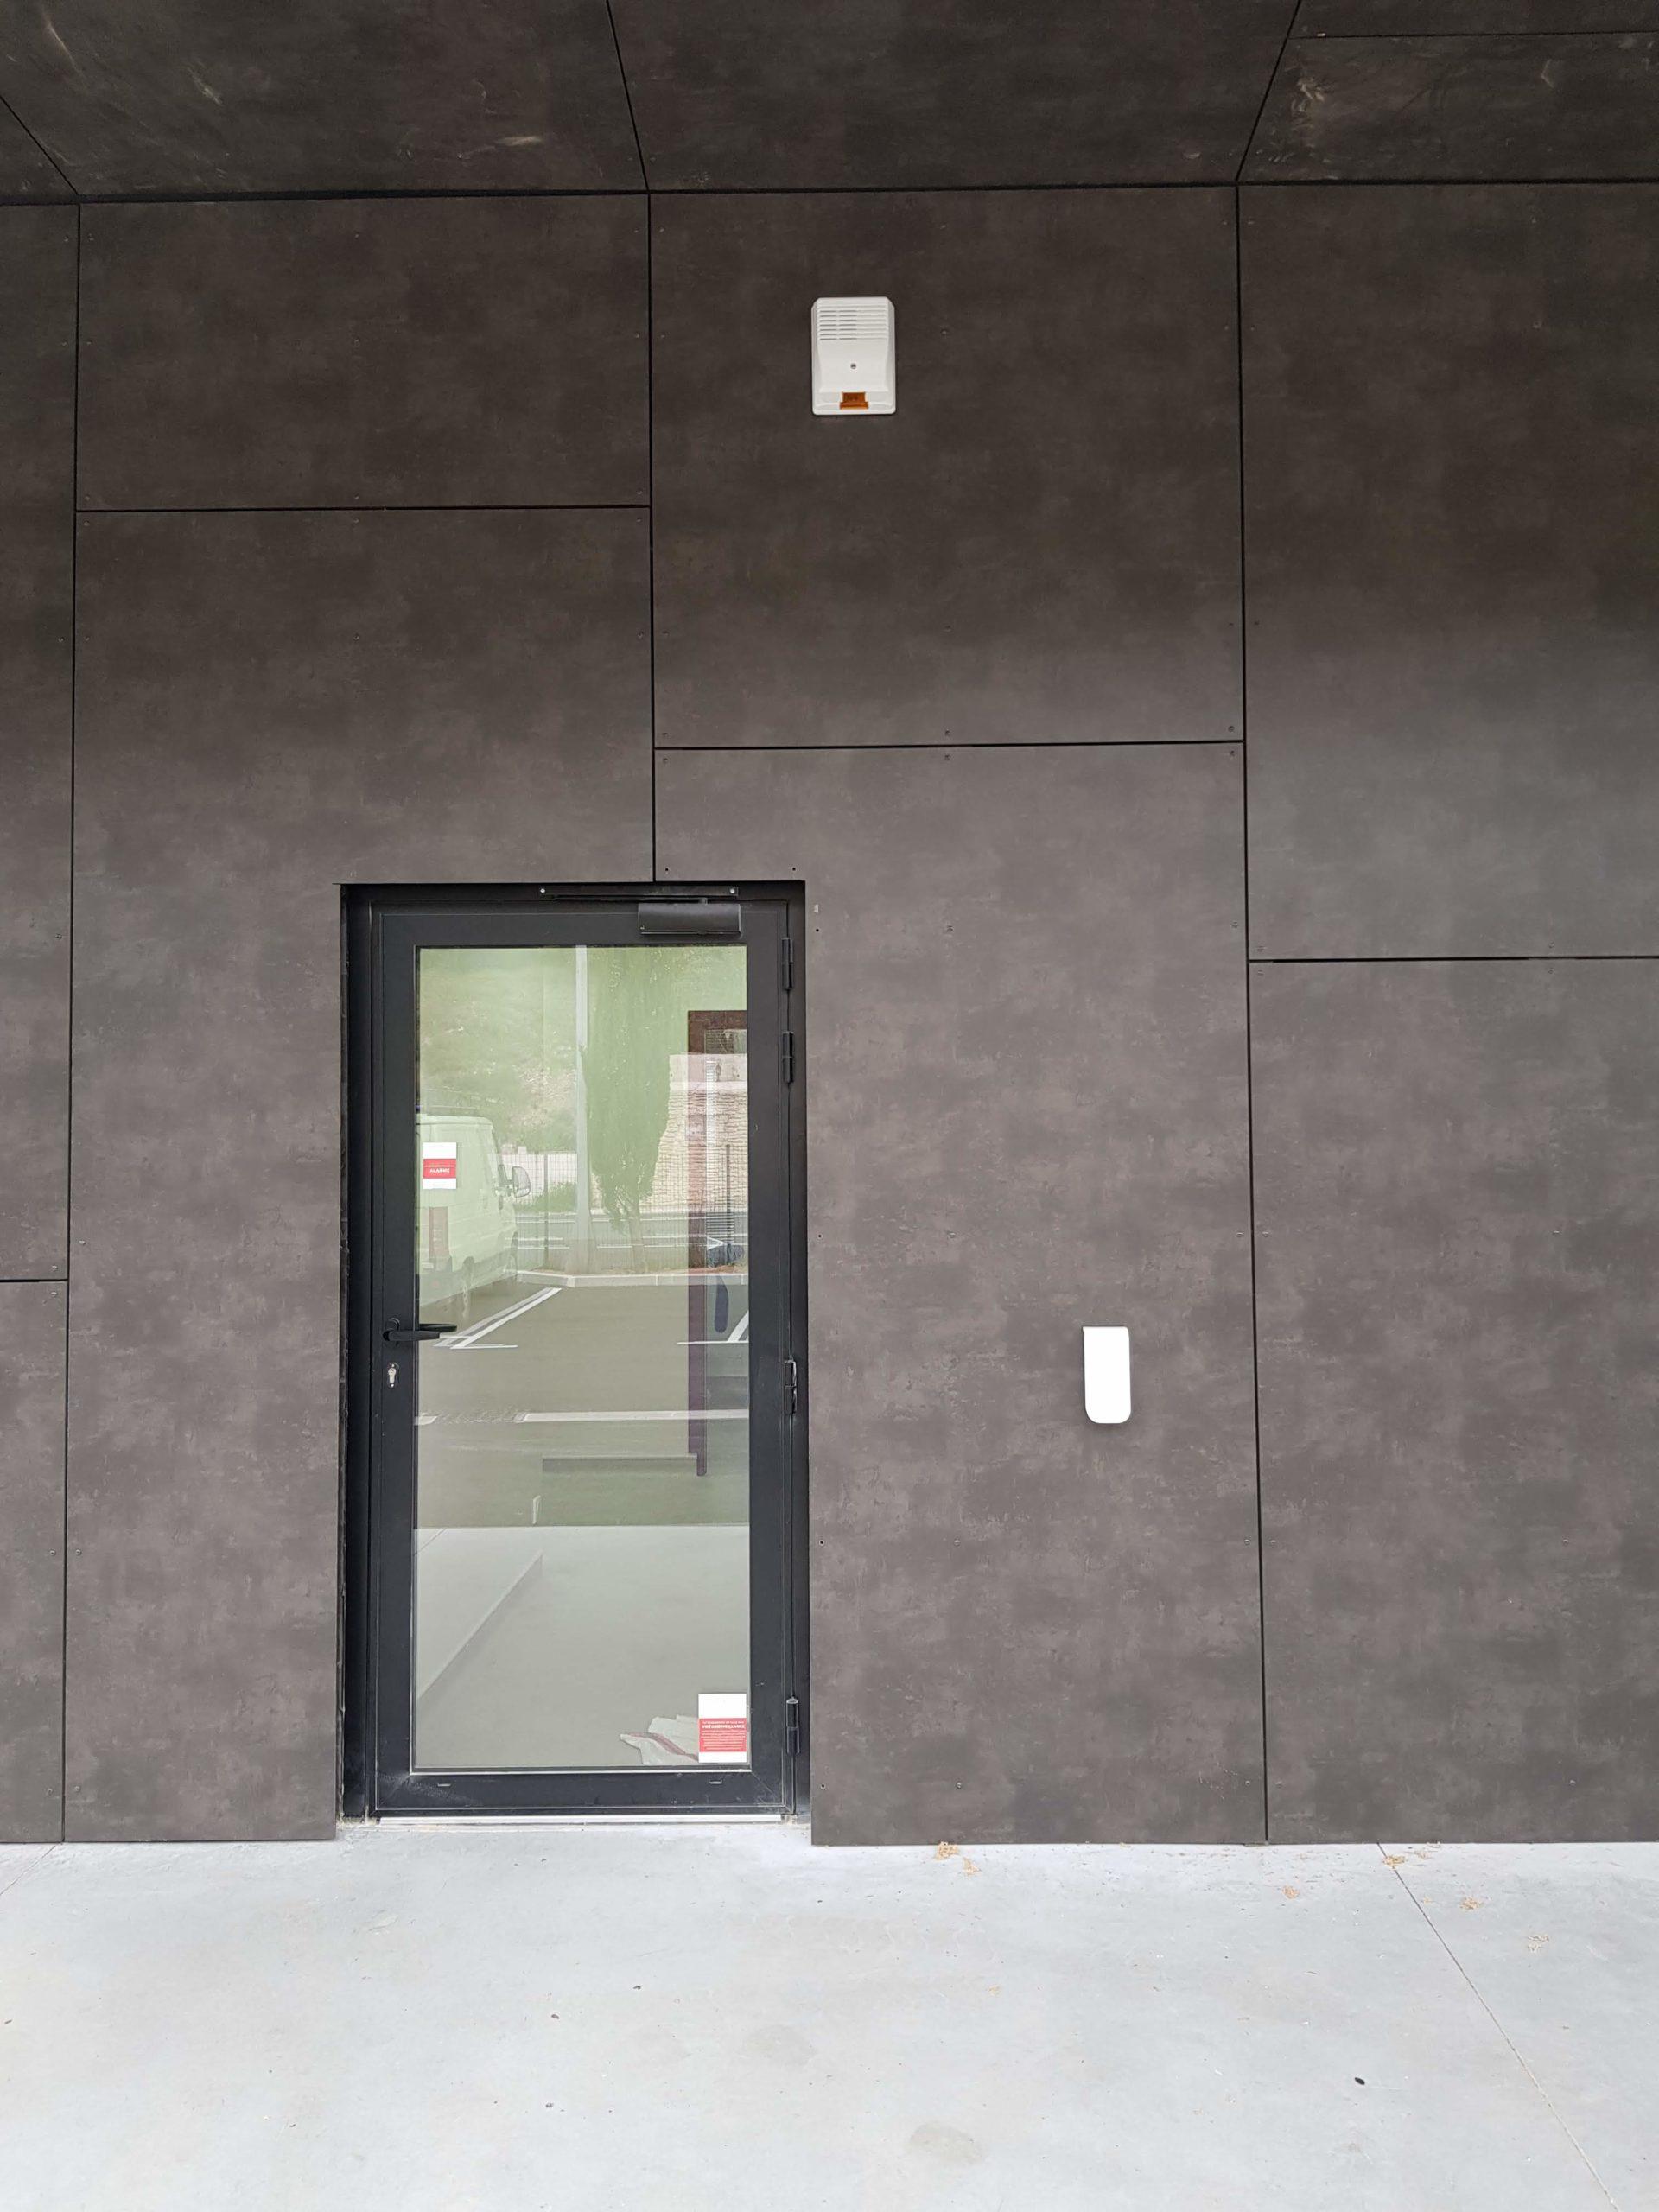 Vue d'une façade de la clinique avec la protection d'une alarme extérieure, la sirène extérieure Sirex et un détecteur linéaire Optex Bxs filaire